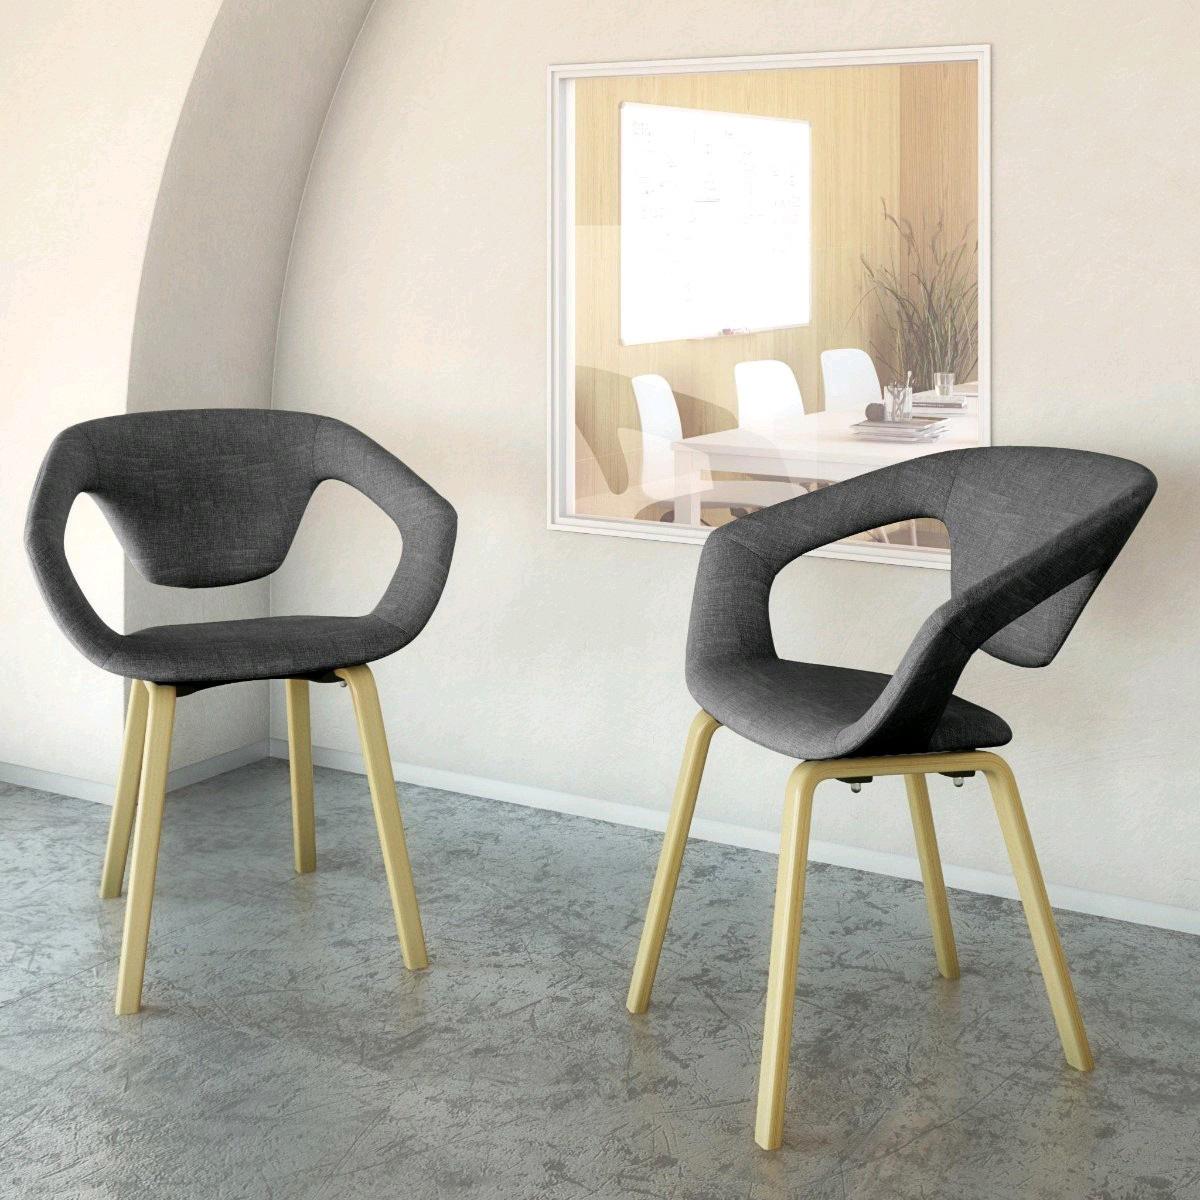 Chaise d'accueil design bois et tissu (lot de 2) Rocamadour